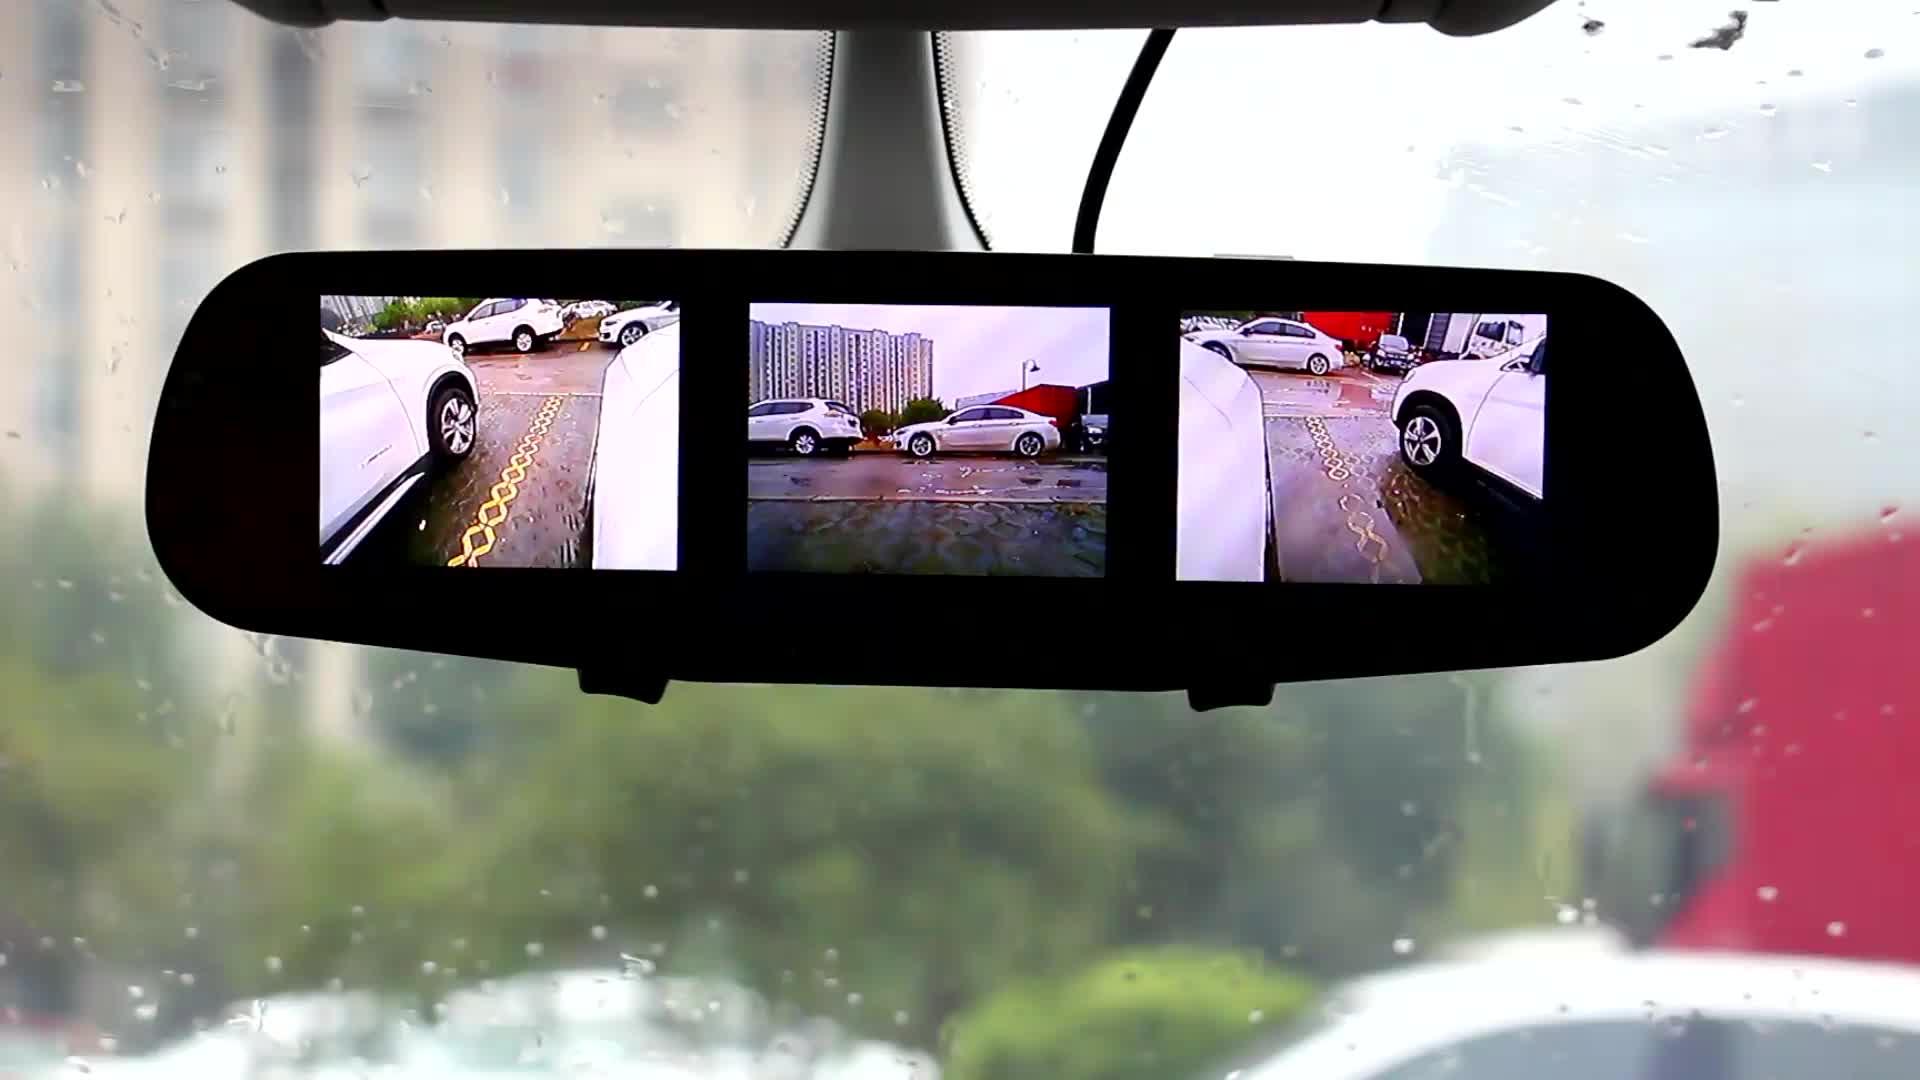 H3 inverso dell'automobile della macchina fotografica con display 3 split screen auto lato dello specchio della macchina fotografica